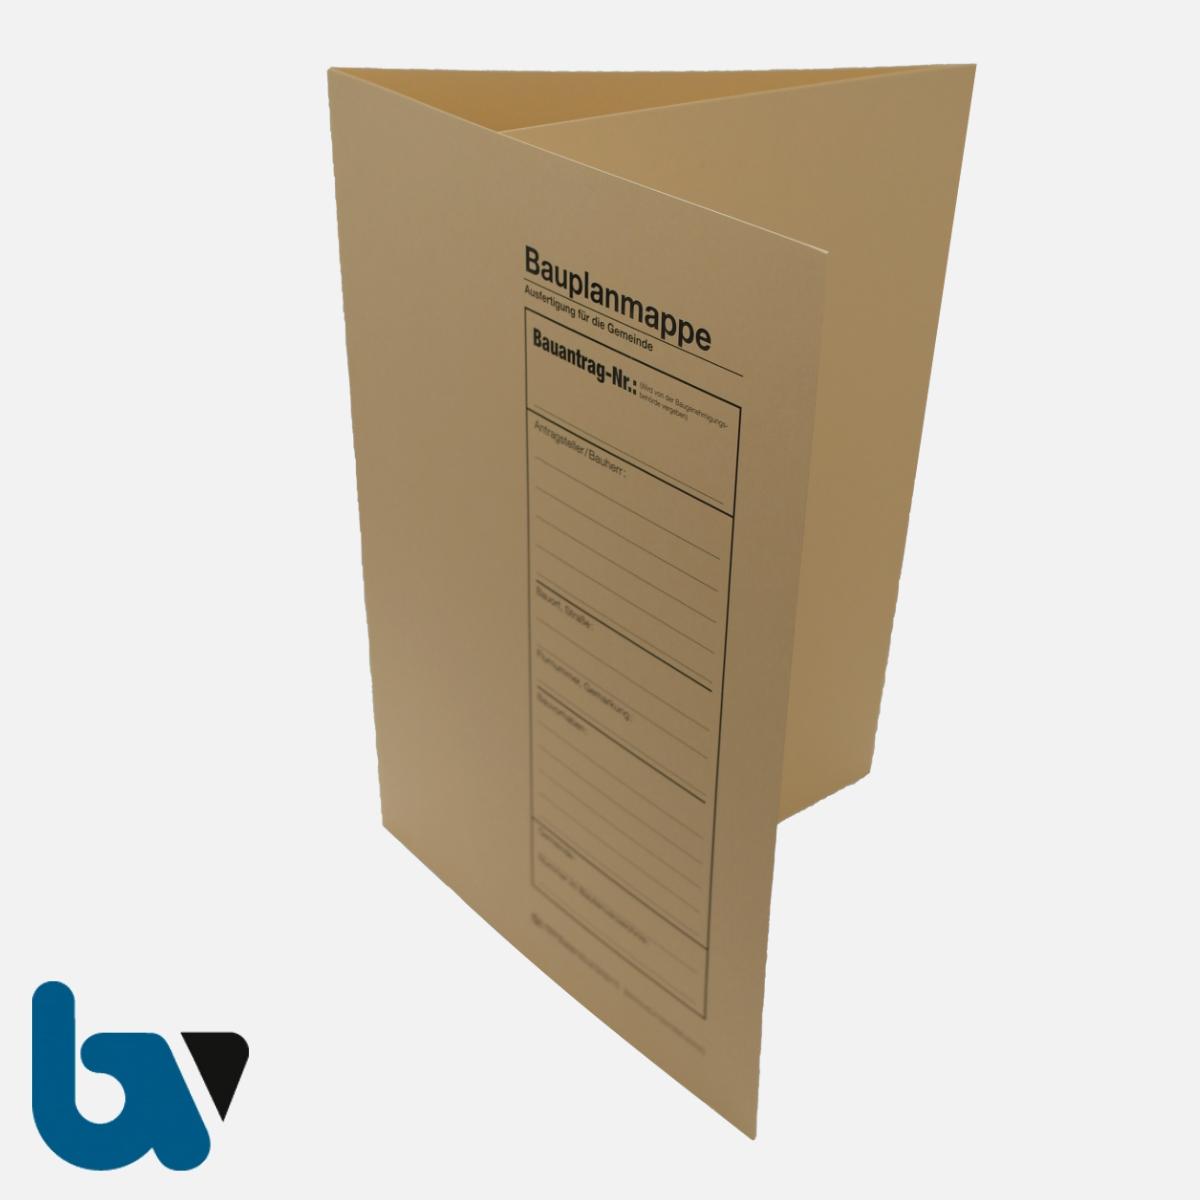 12/710-2 Bauplanmappe Ausfertigung Gemeinde Karton chamois Einschlagdeckel Dokumentenschutz Verwahrung Archivierung DIN C4 Vorderseite | Borgard Verlag GmbH